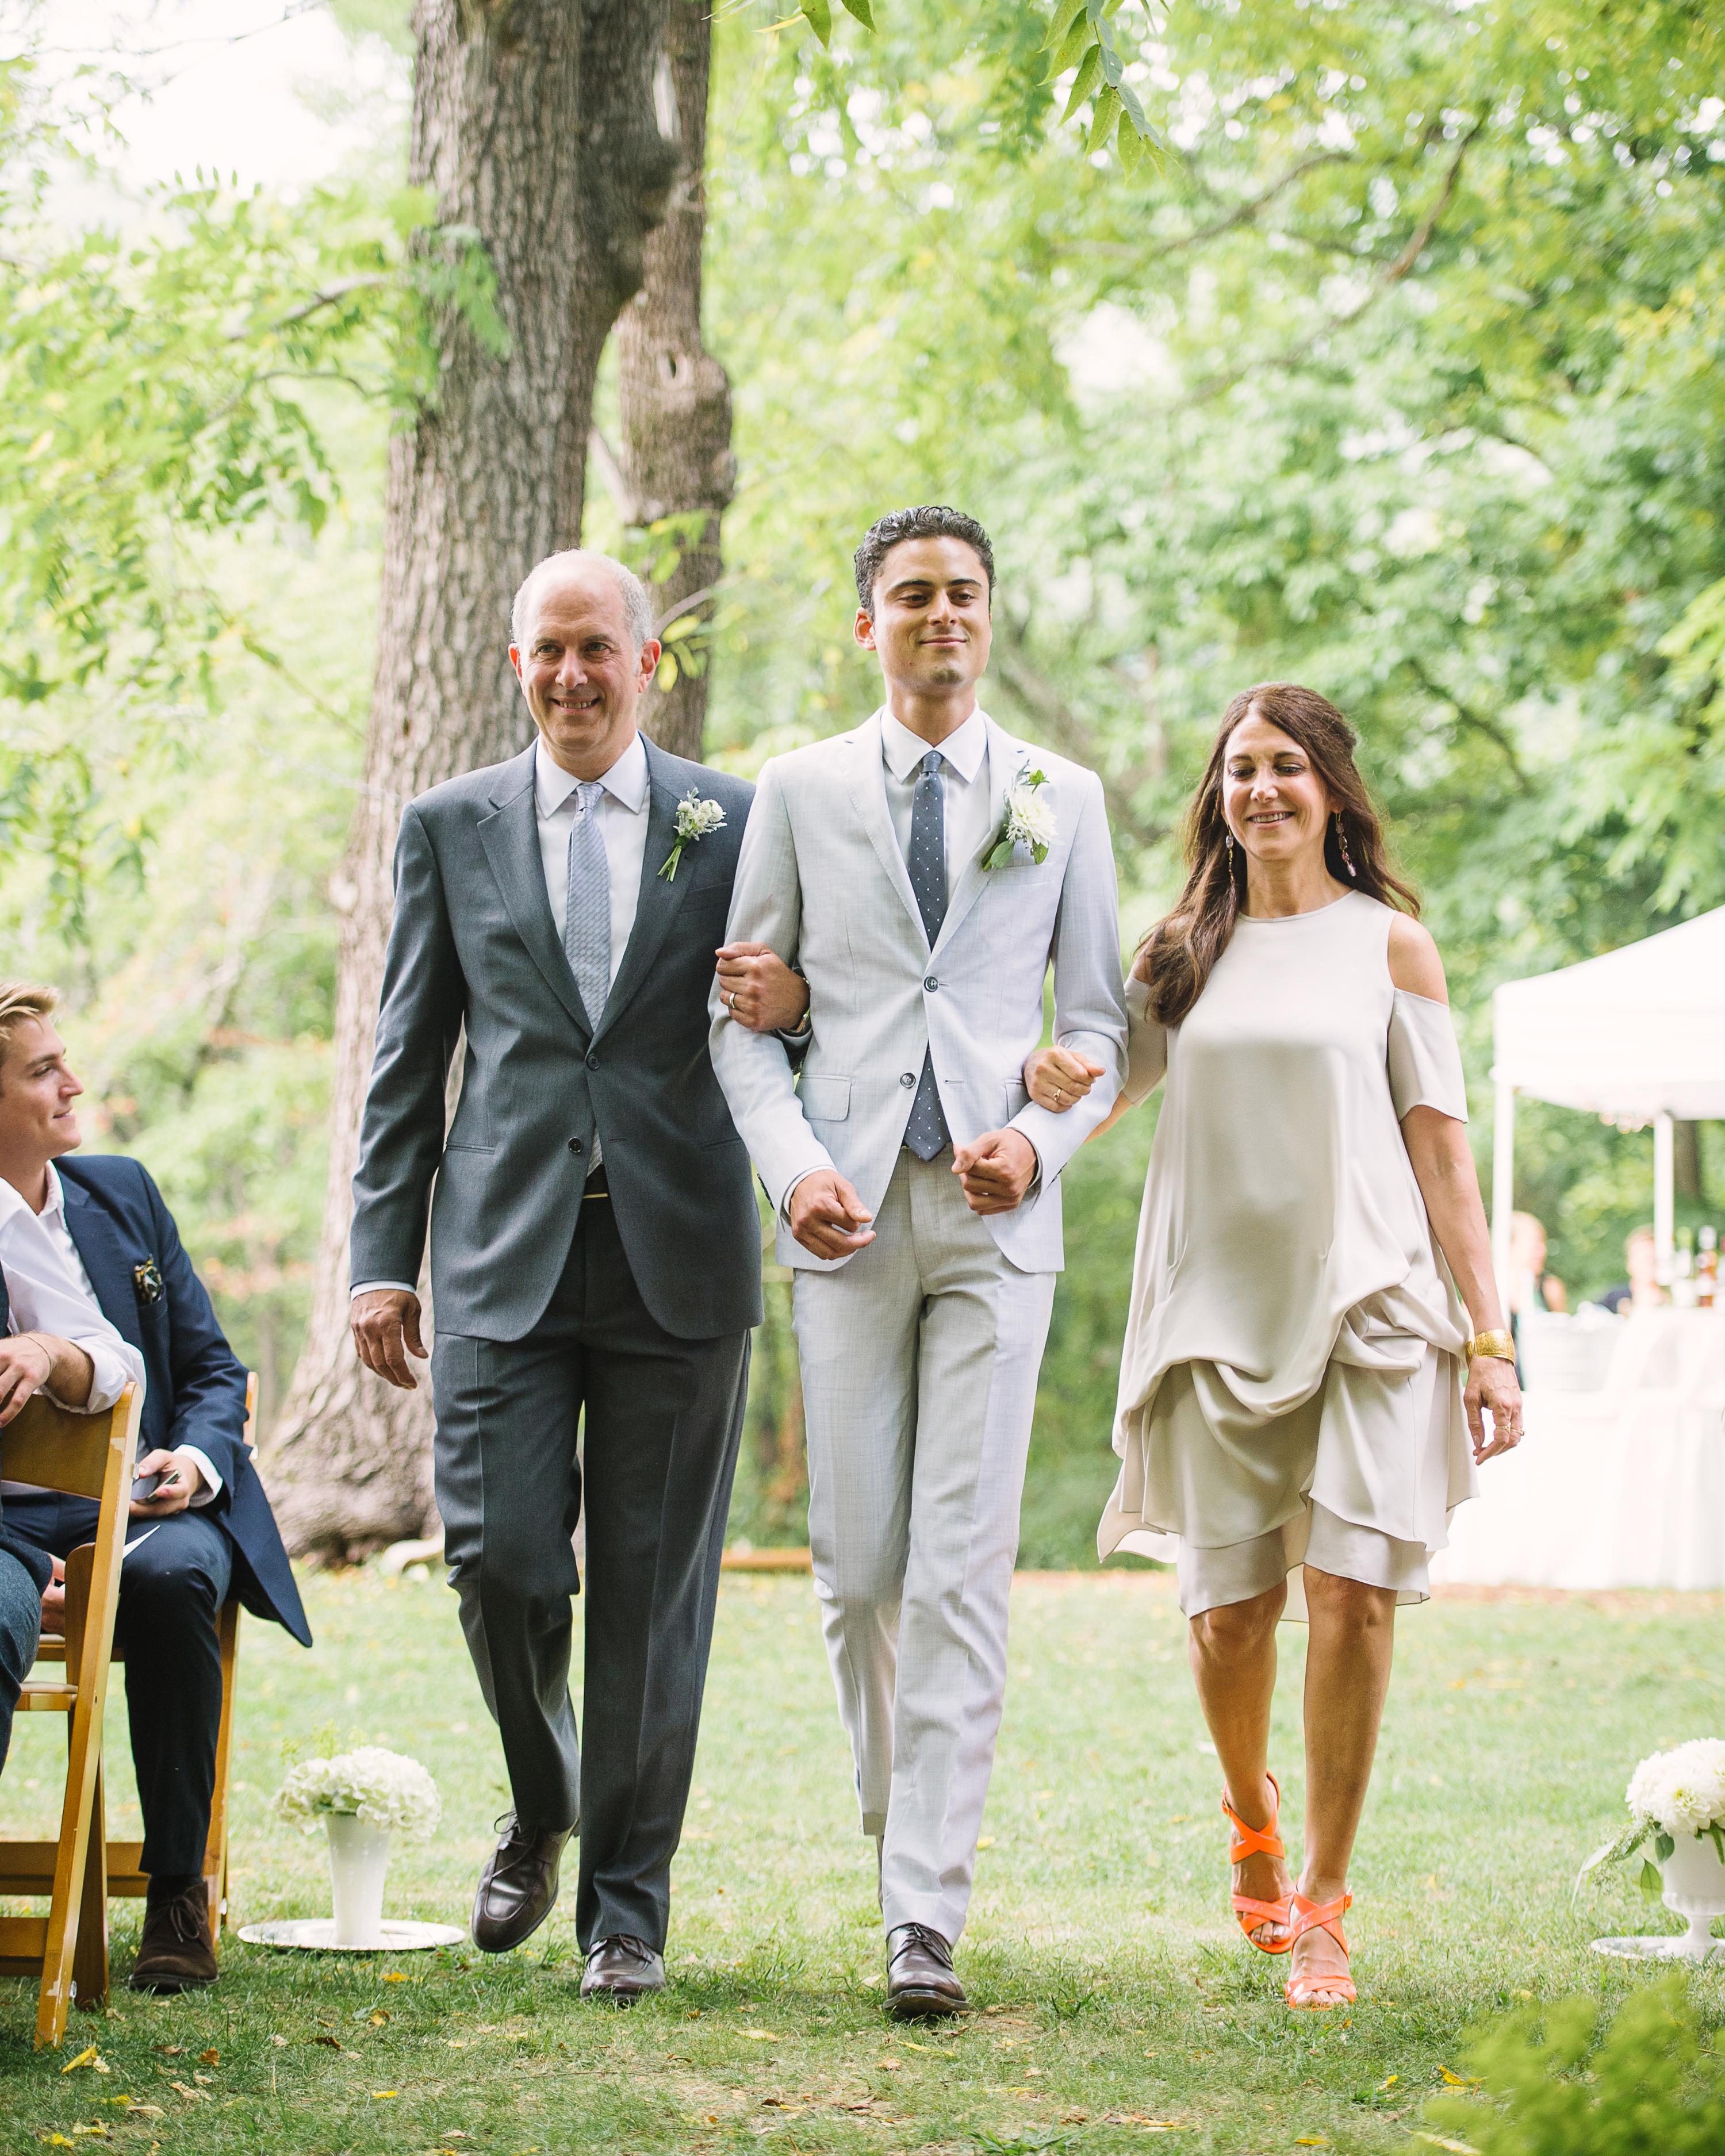 claire-evan-web-wedding-north-carolina-001-s111883.jpg